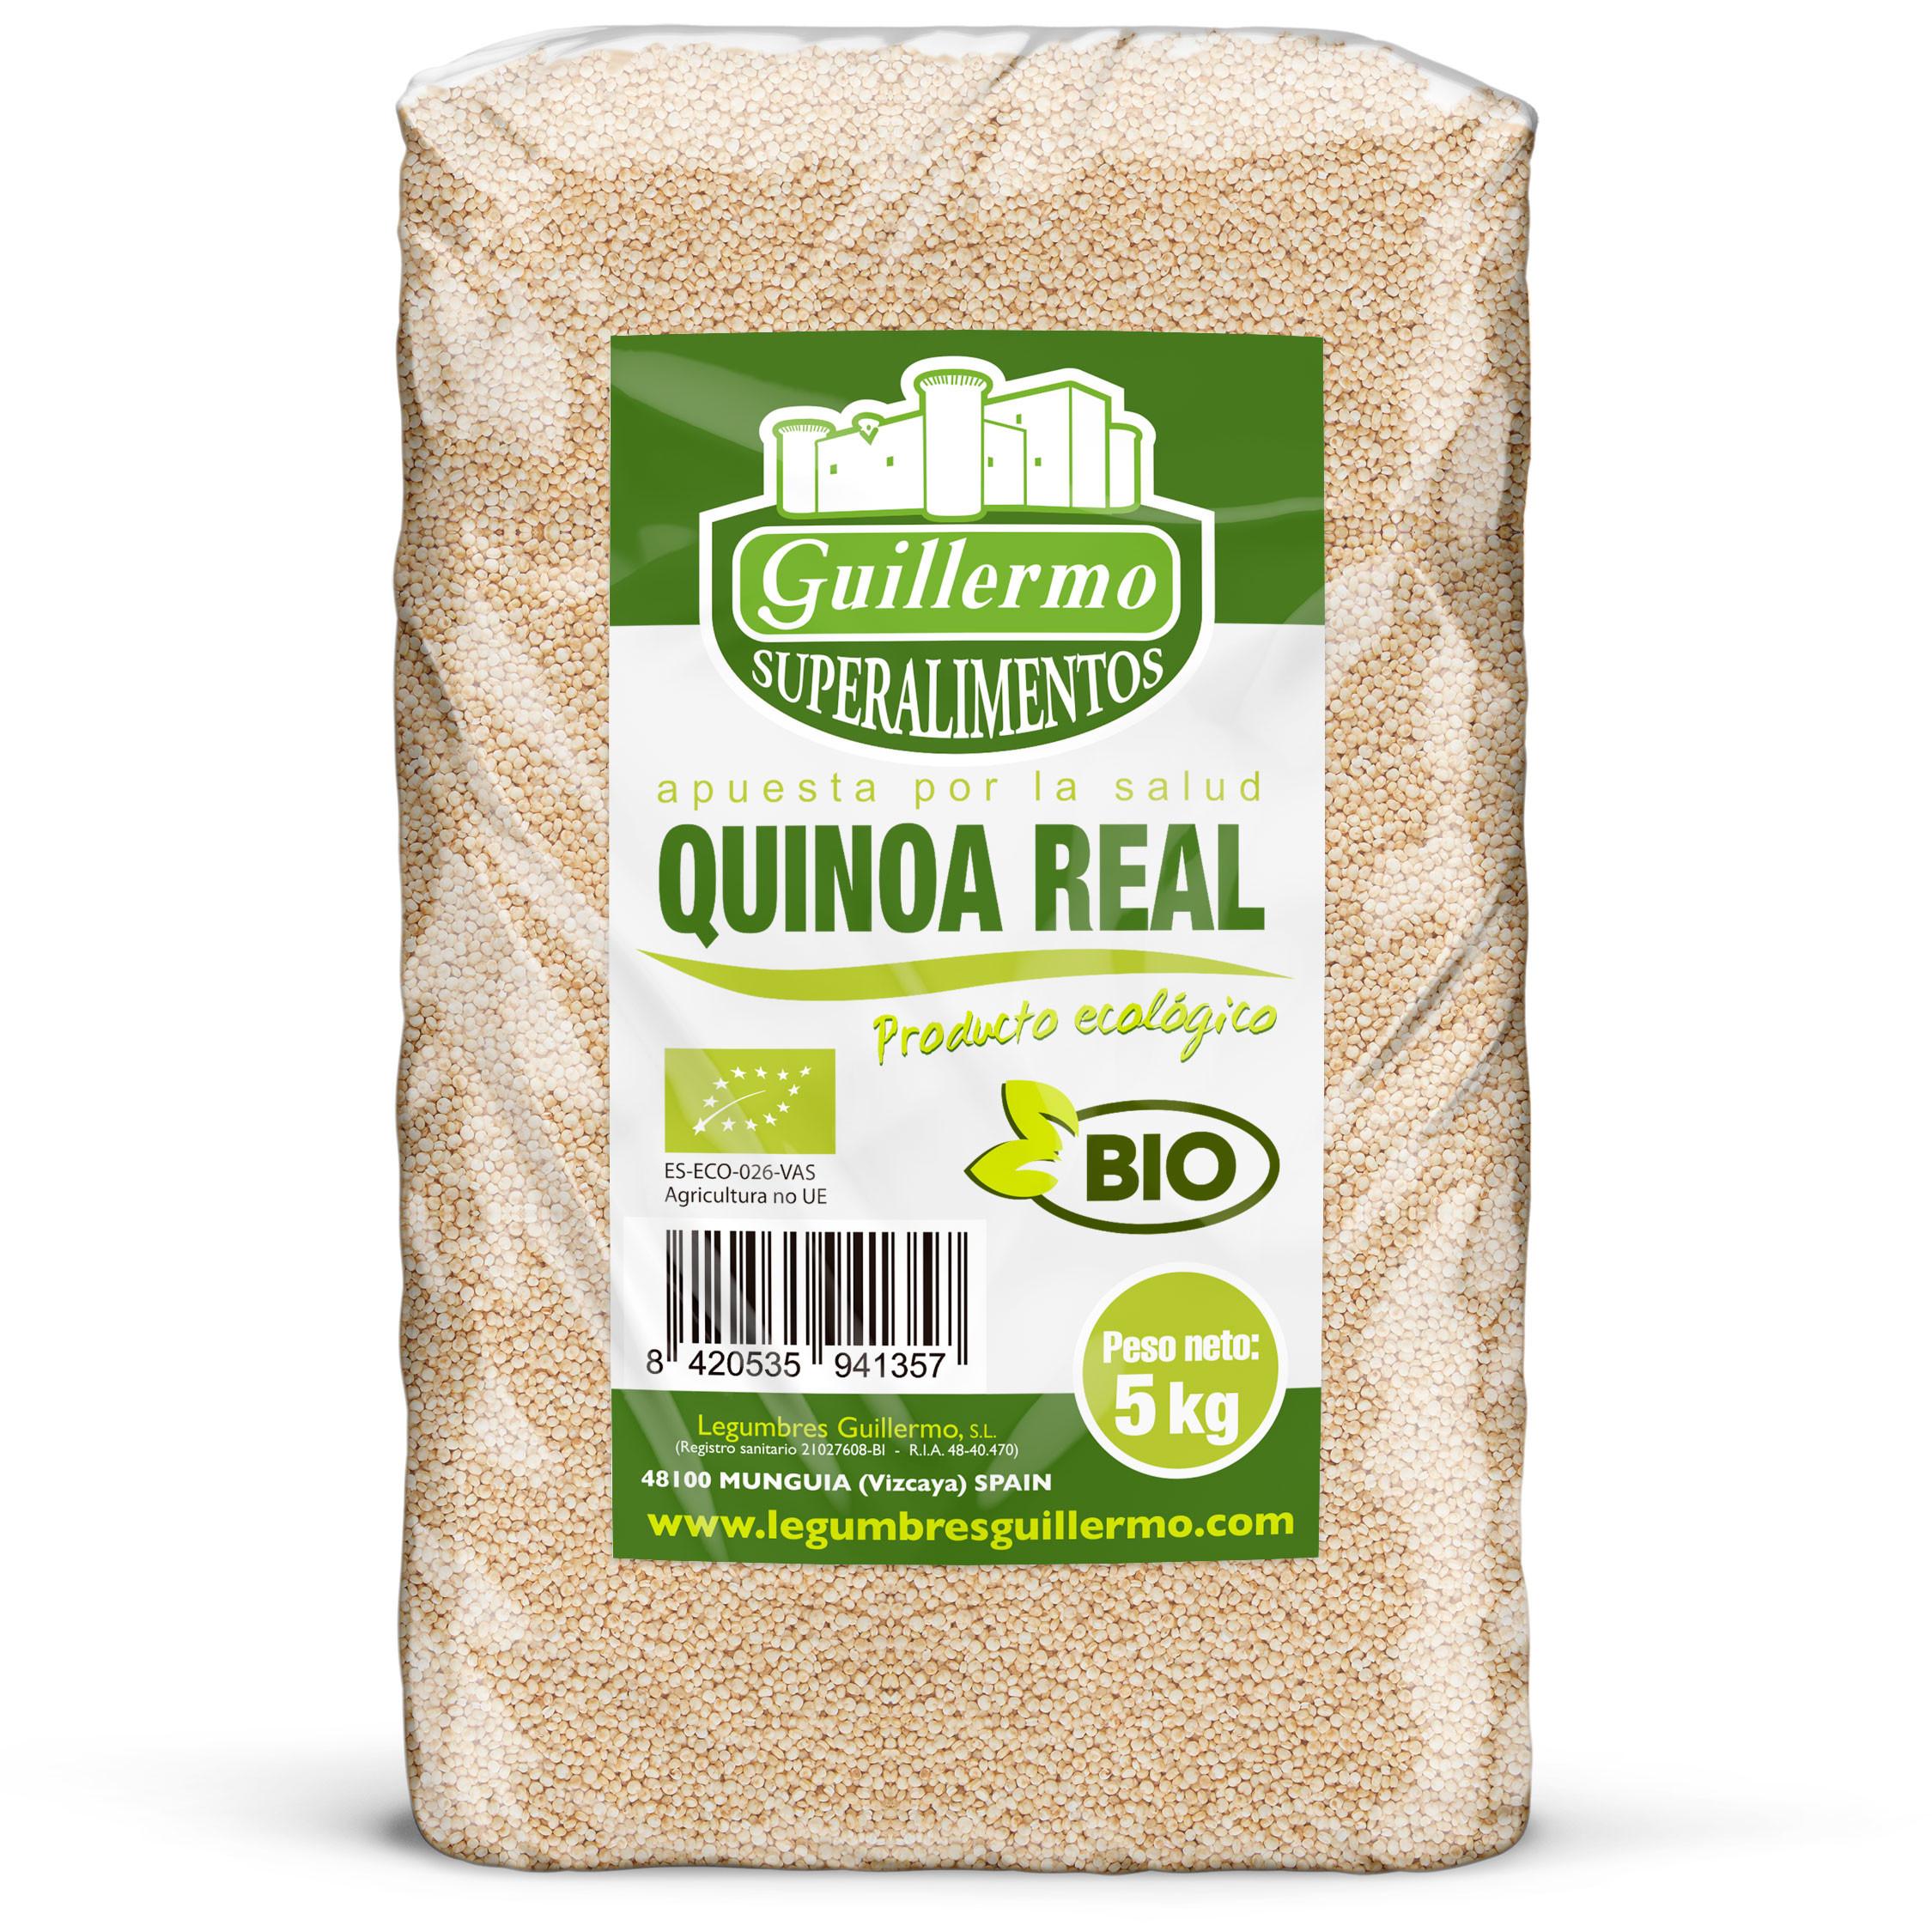 Guillermo Horeca Quinoa Real en grano Ecológica BIO Granel Superalimento 100% Natural 5kg